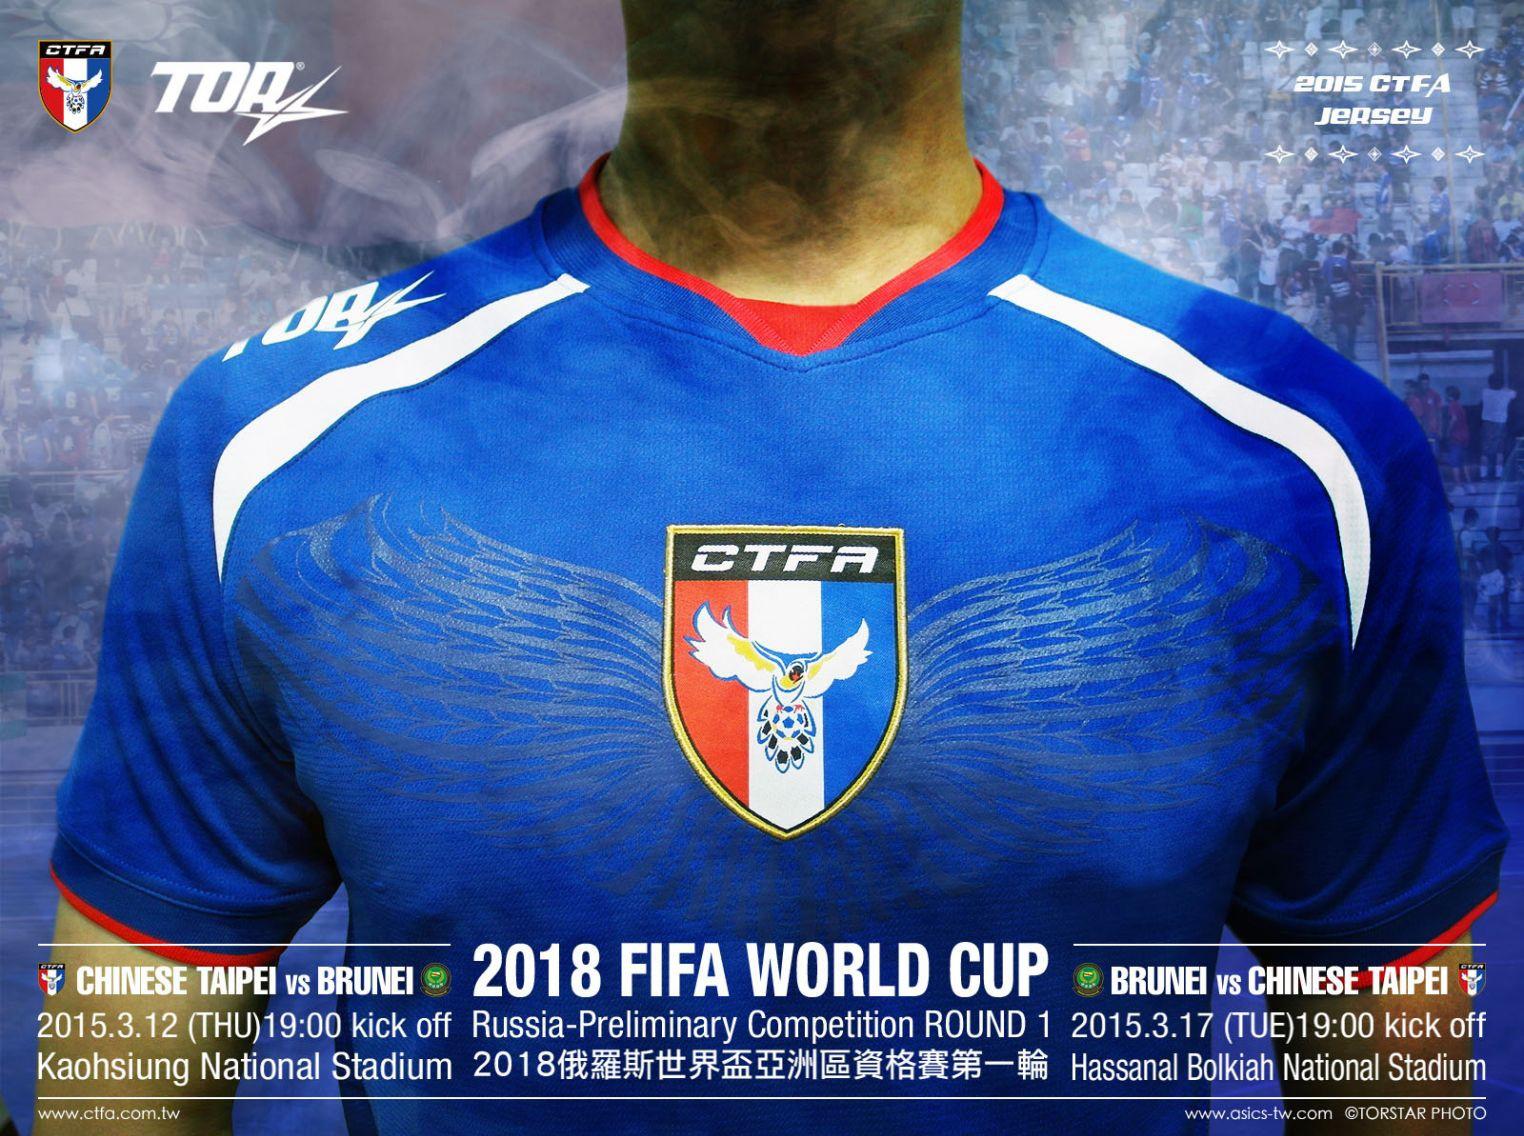 中国台北代表队2015主场球衣